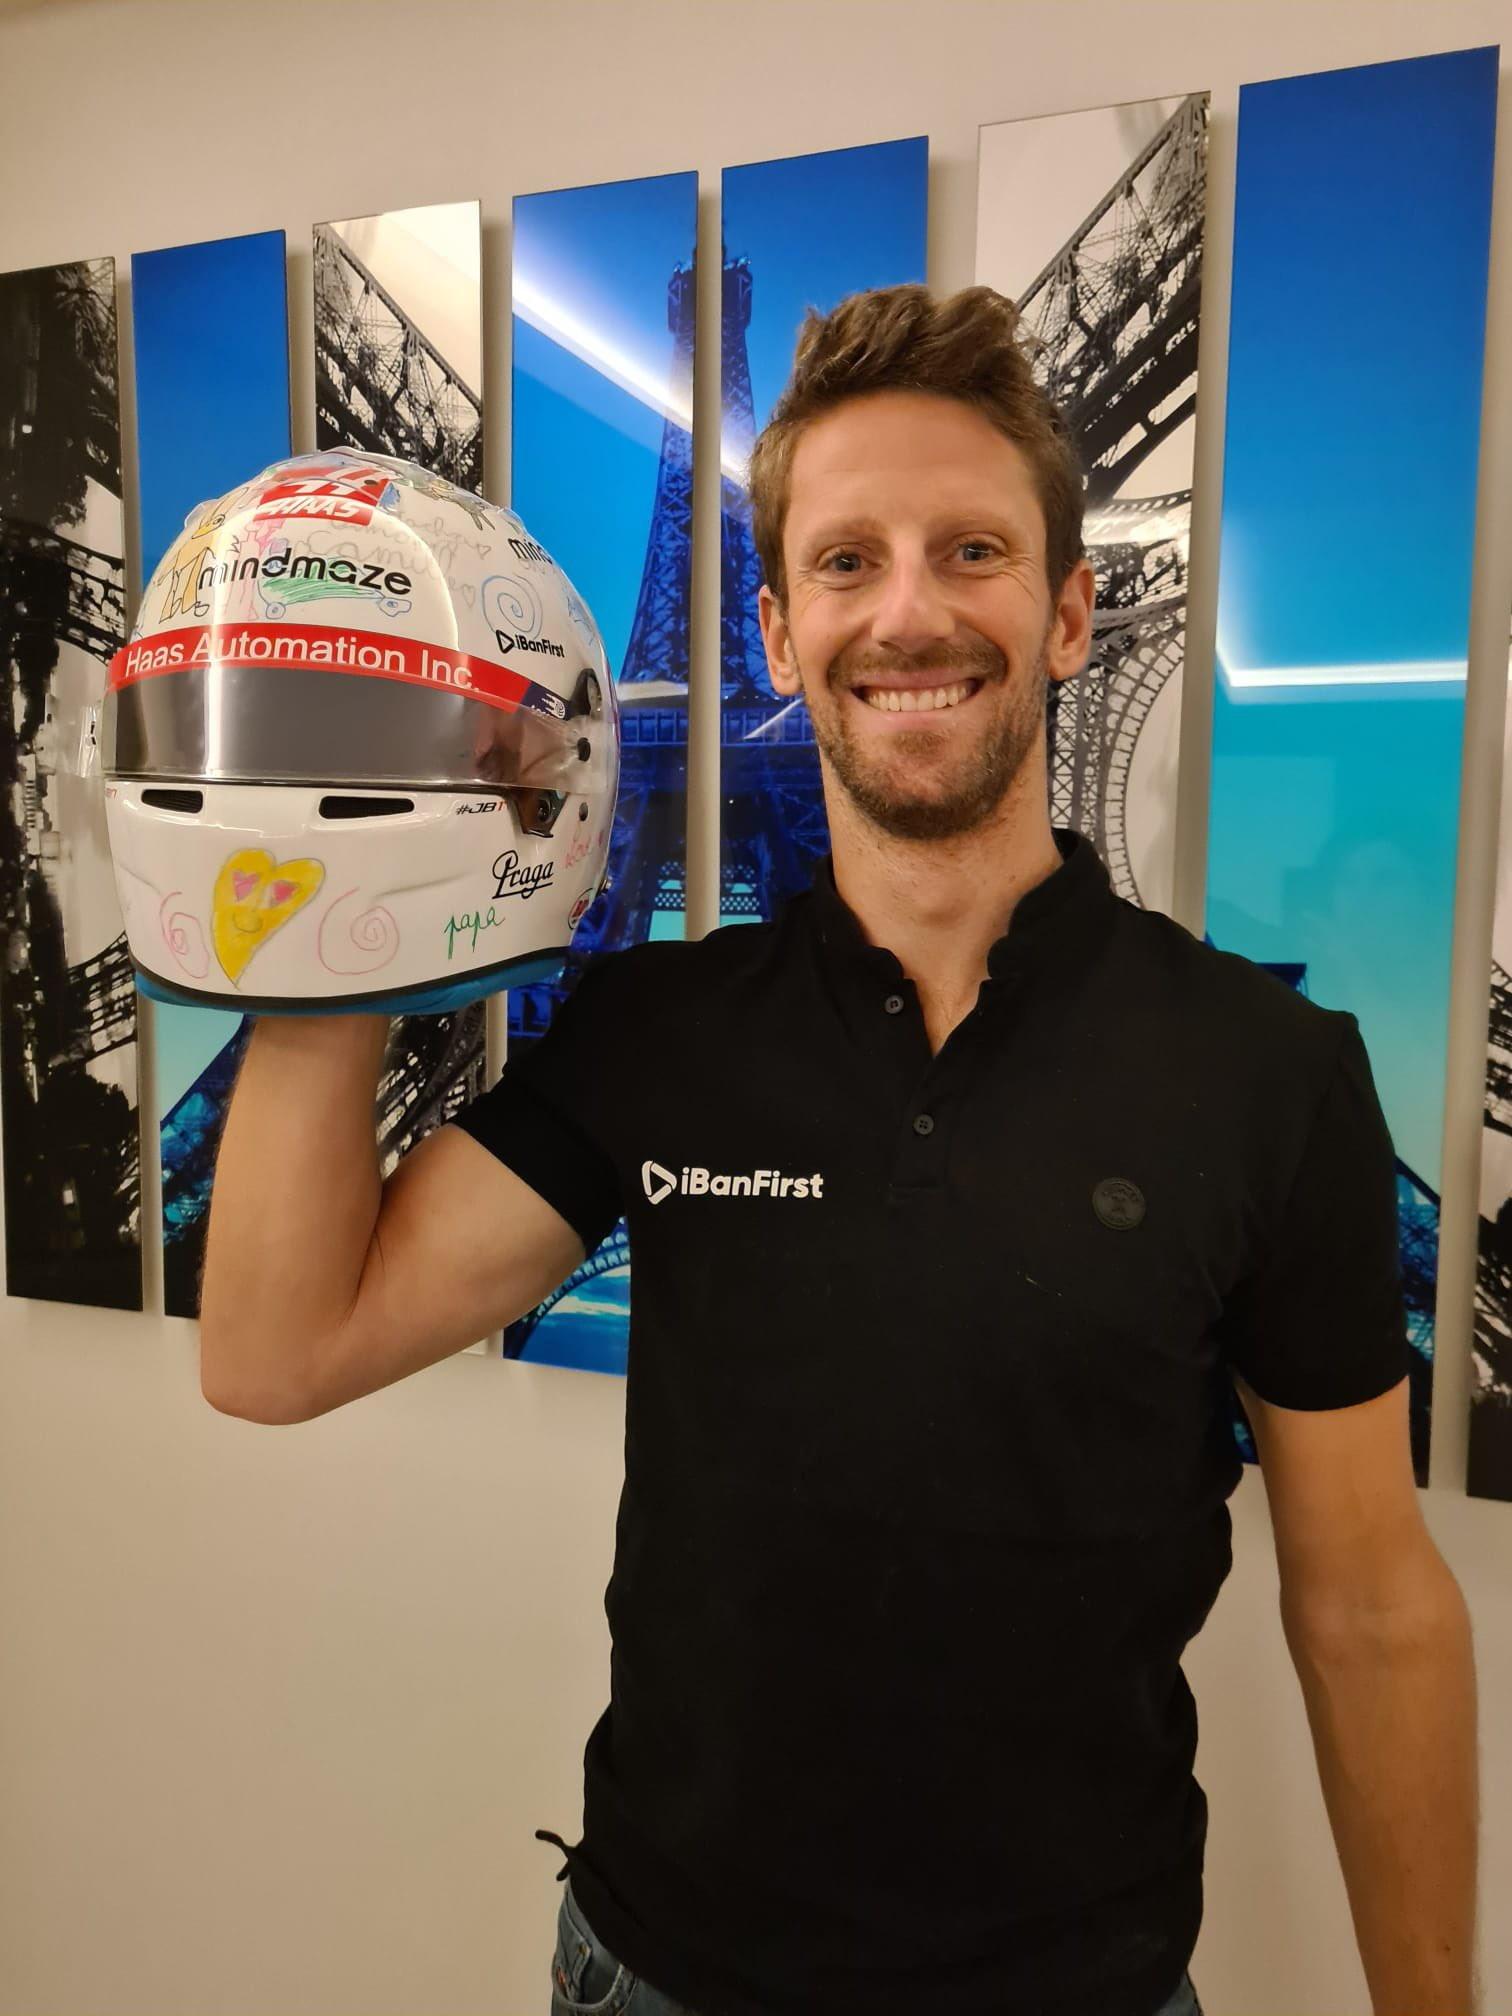 Una sorpresa per Romaing Grosjean. Il francese ha svelato il casco disegnato dai suoi tre piccoli figli che avrebbe dovuto usare ad Abu Dhabi per l&#39;ultima gara della sua carriera in Formula 1. La speranza del pilota &egrave; quella di avere un&#39;altra possibilit&agrave; per indossarlo.&nbsp;<br /><br />